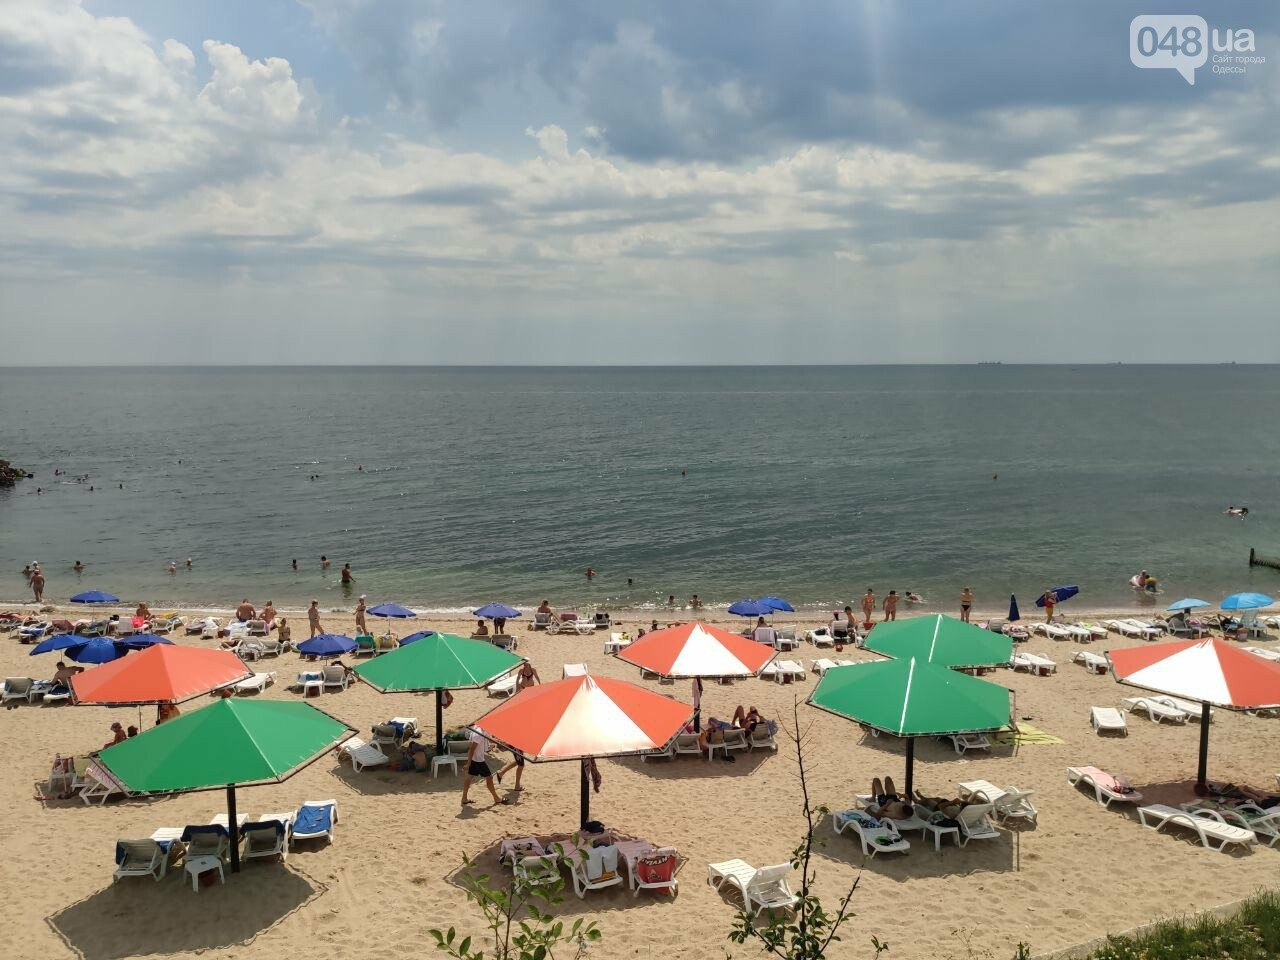 Пляж на Совиньоне под Одессой: что находится на закрытой территории и как туда попасть, - ФОТО, фото-8